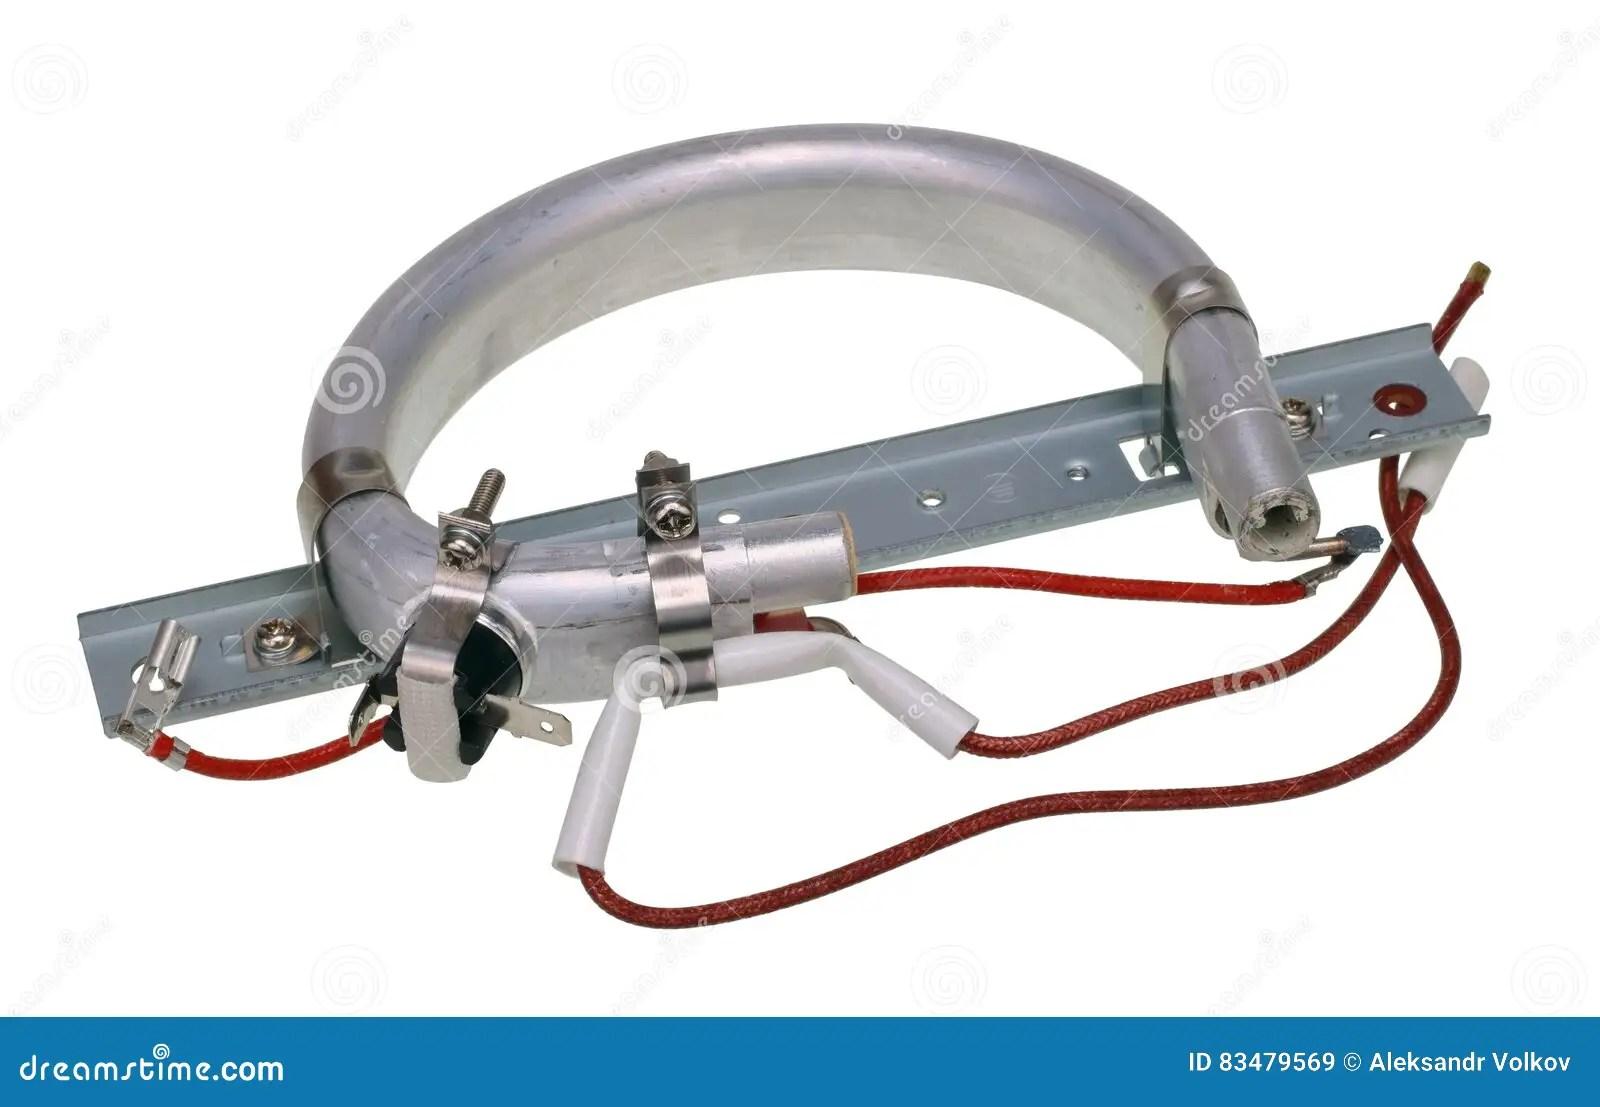 kitchen crocks hood exhaust fan 家庭厨房缸罐的发热设备库存图片 图片包括有加热器 困难 国内 过时 家庭厨房缸罐的发热设备